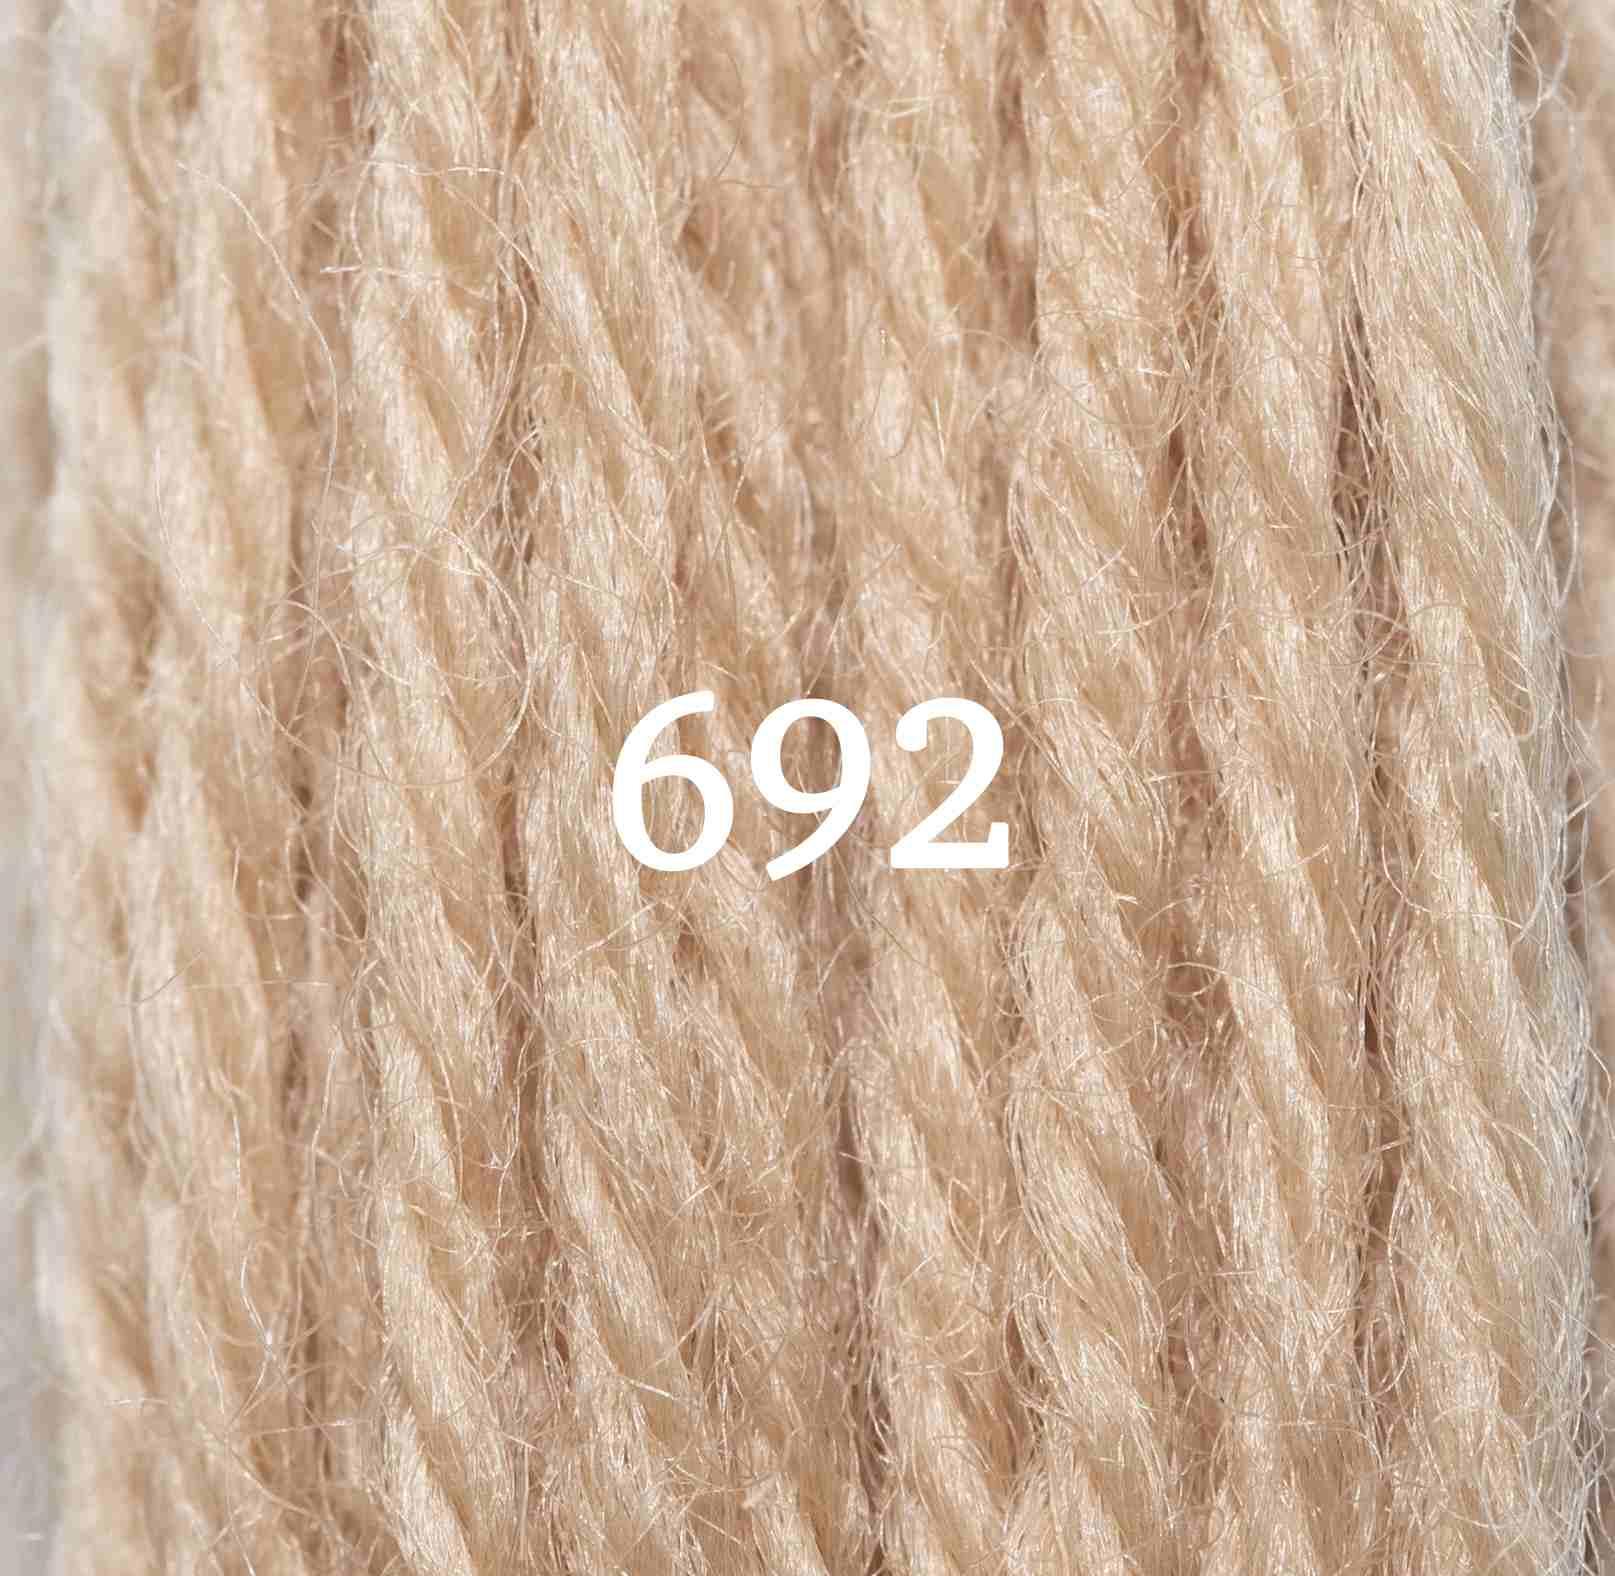 Honeysuckle-Yellow-692